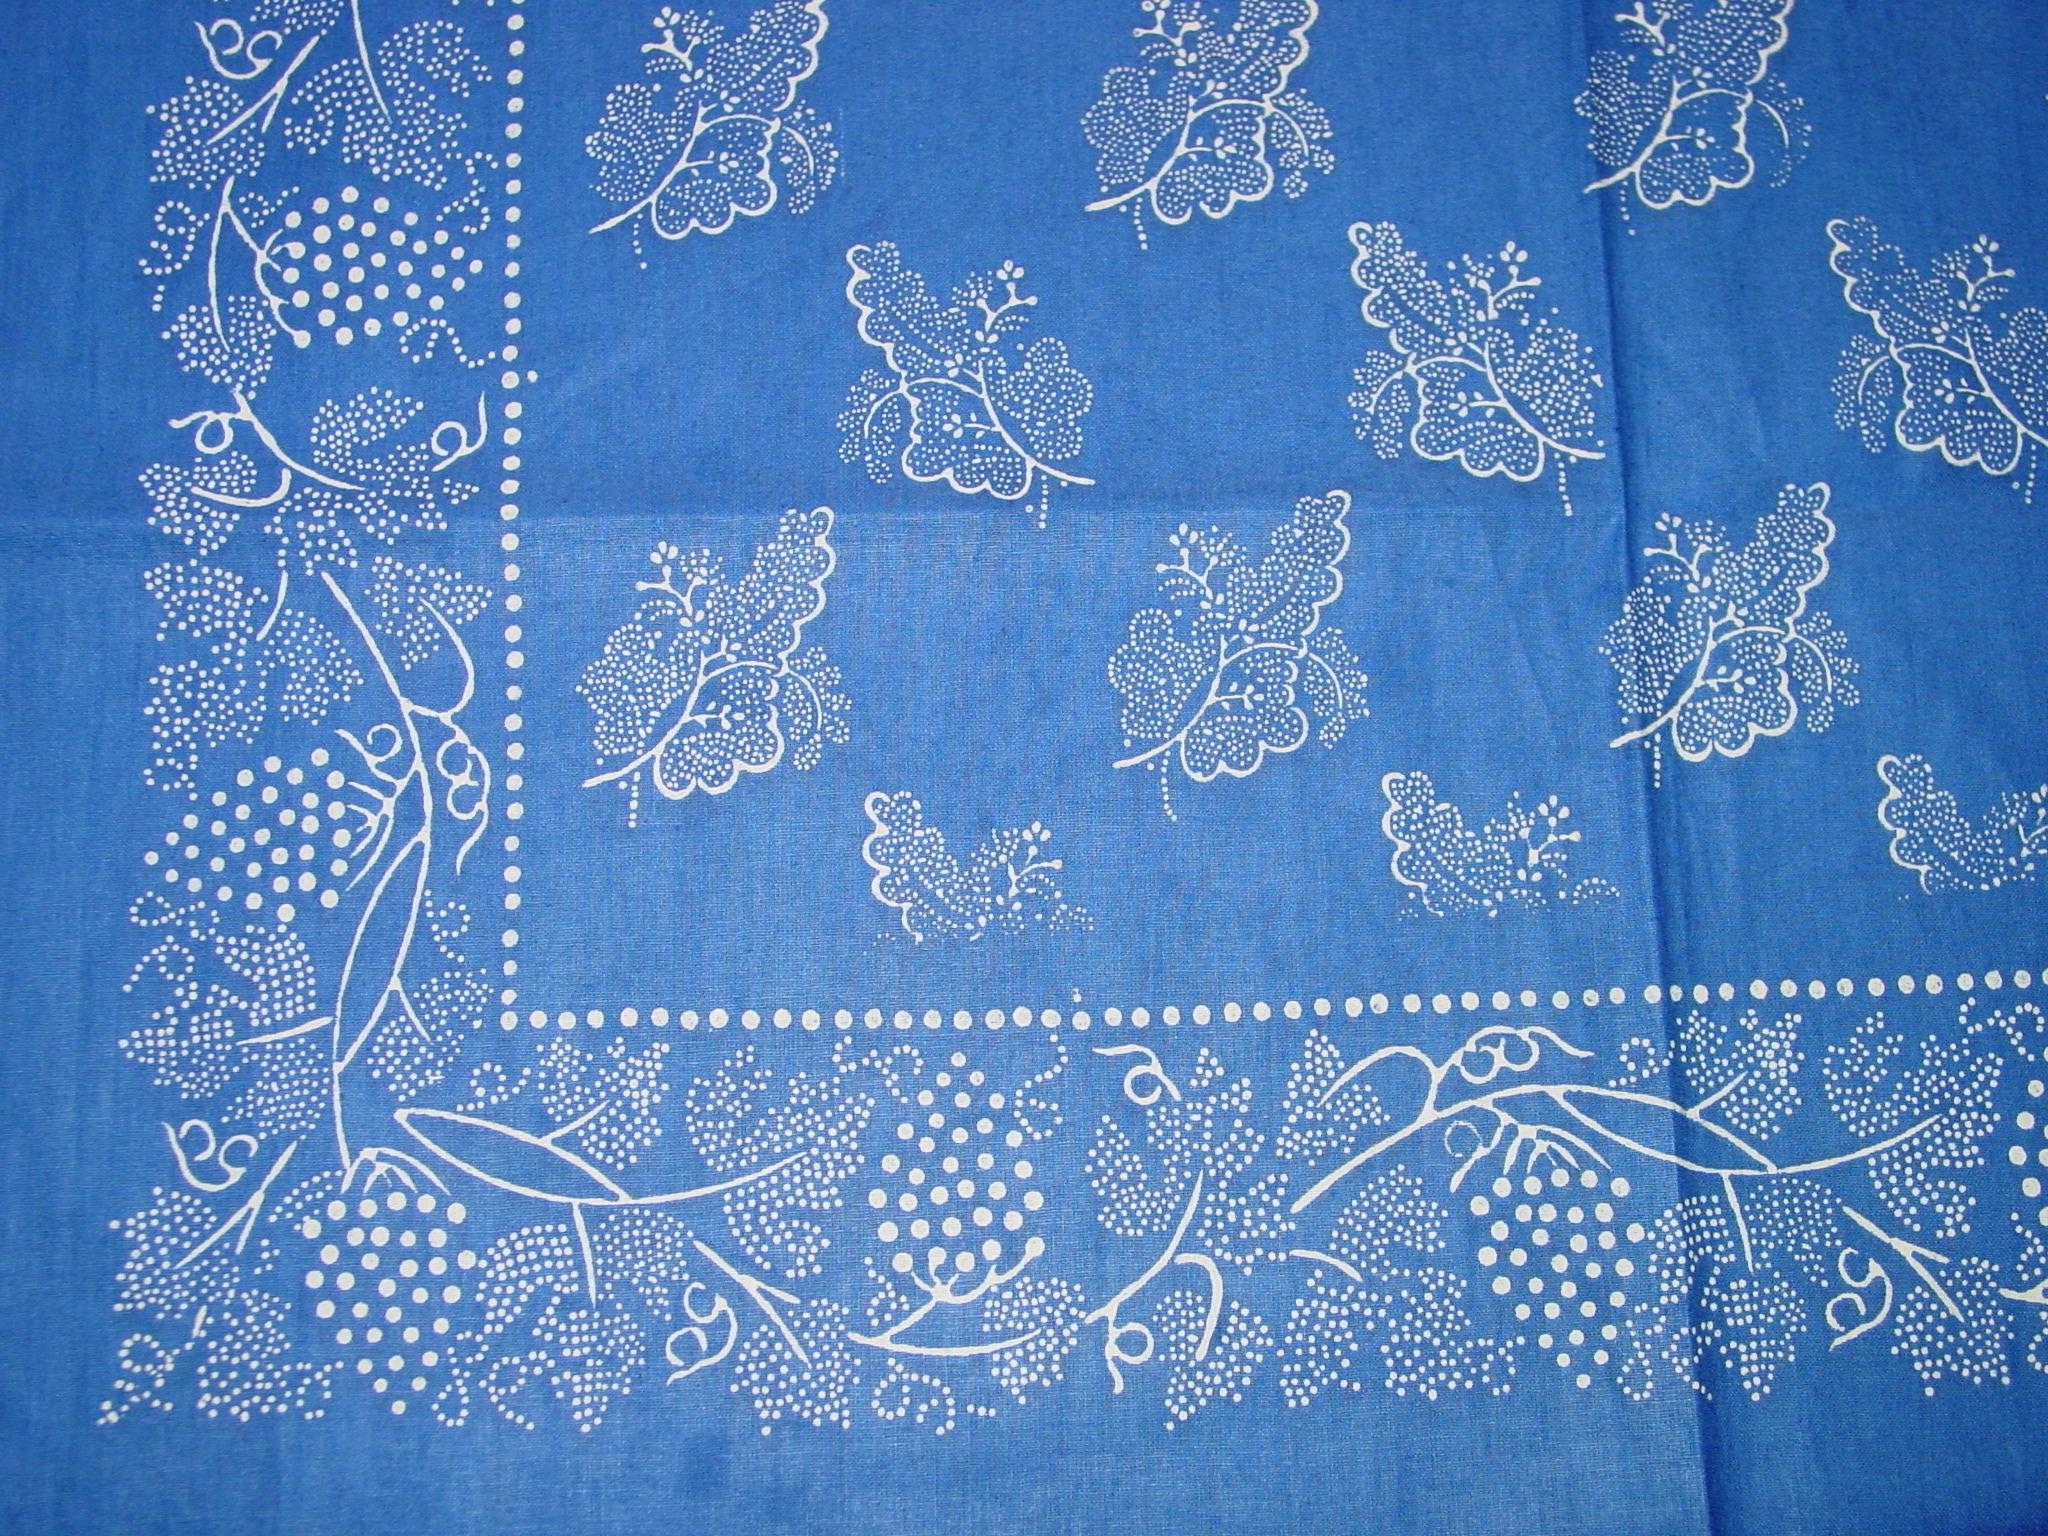 Blaudruck - Deckchen 6124-1214